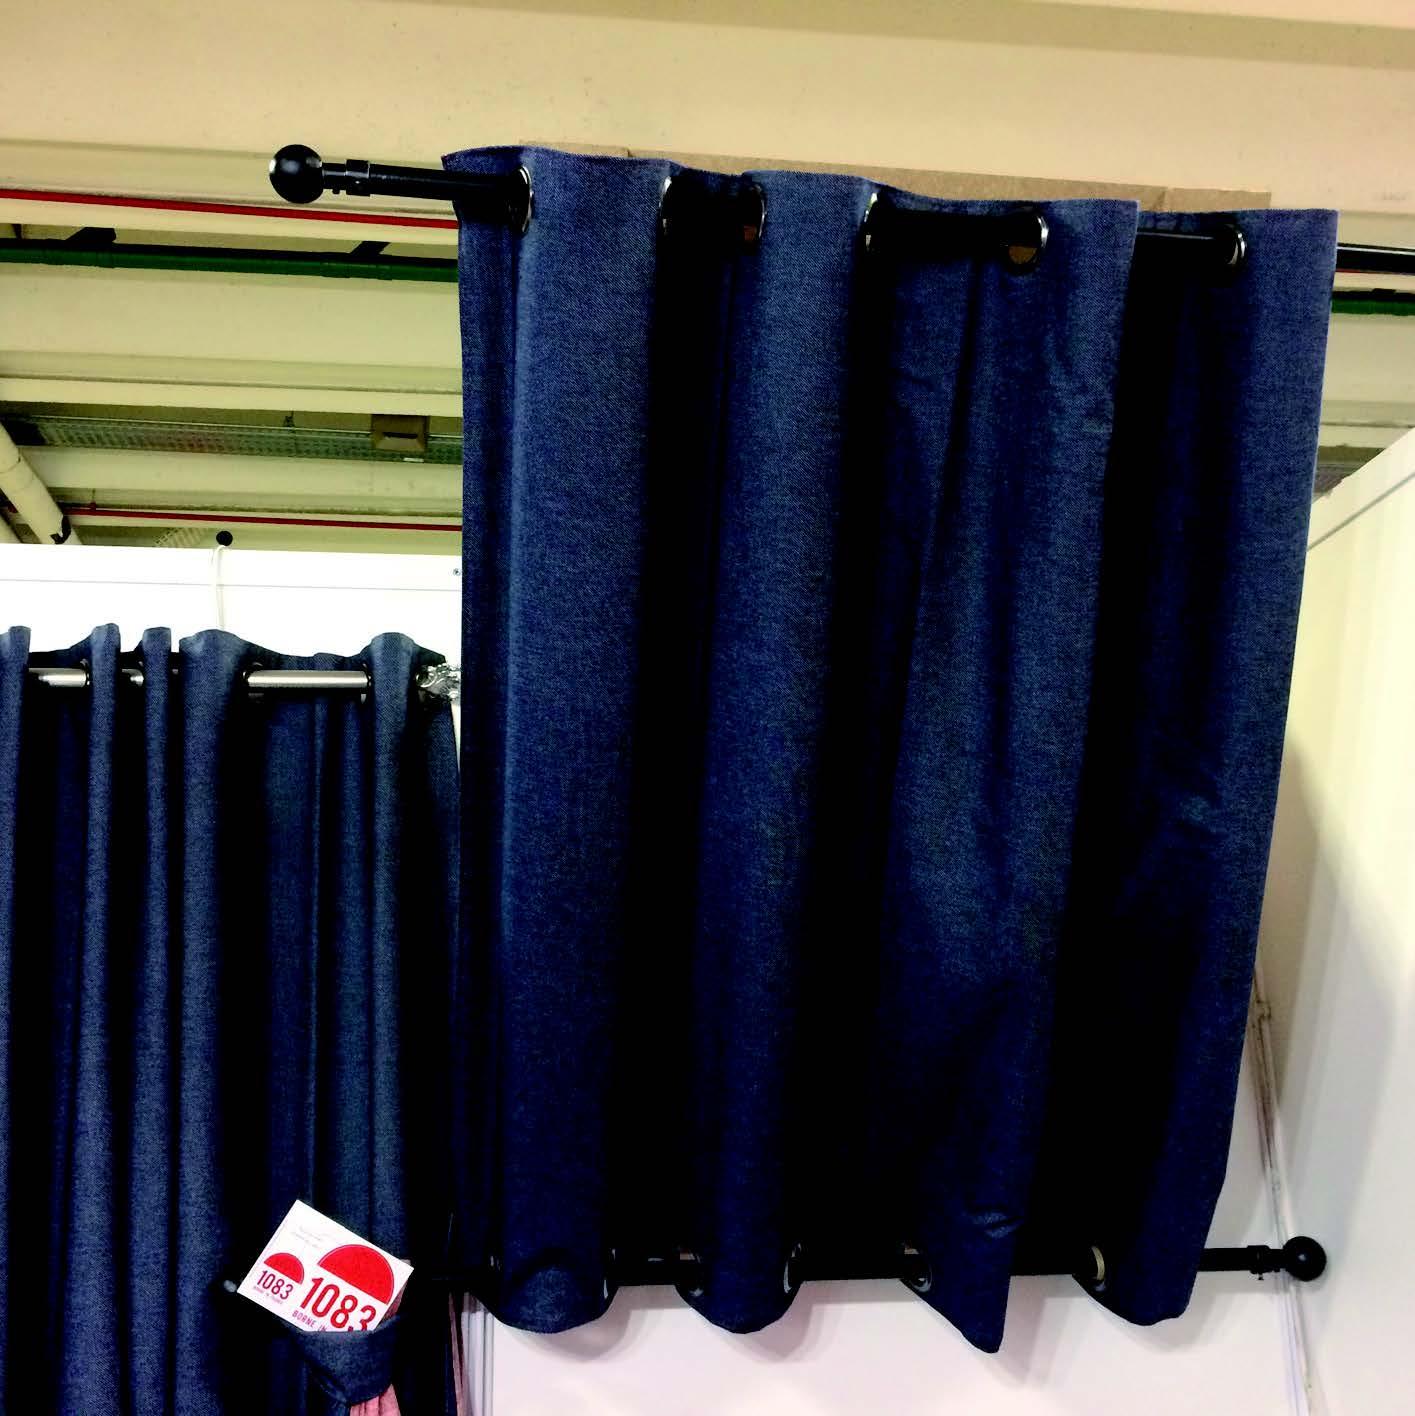 comment mettre des rideaux sur un velux  rideaux velux